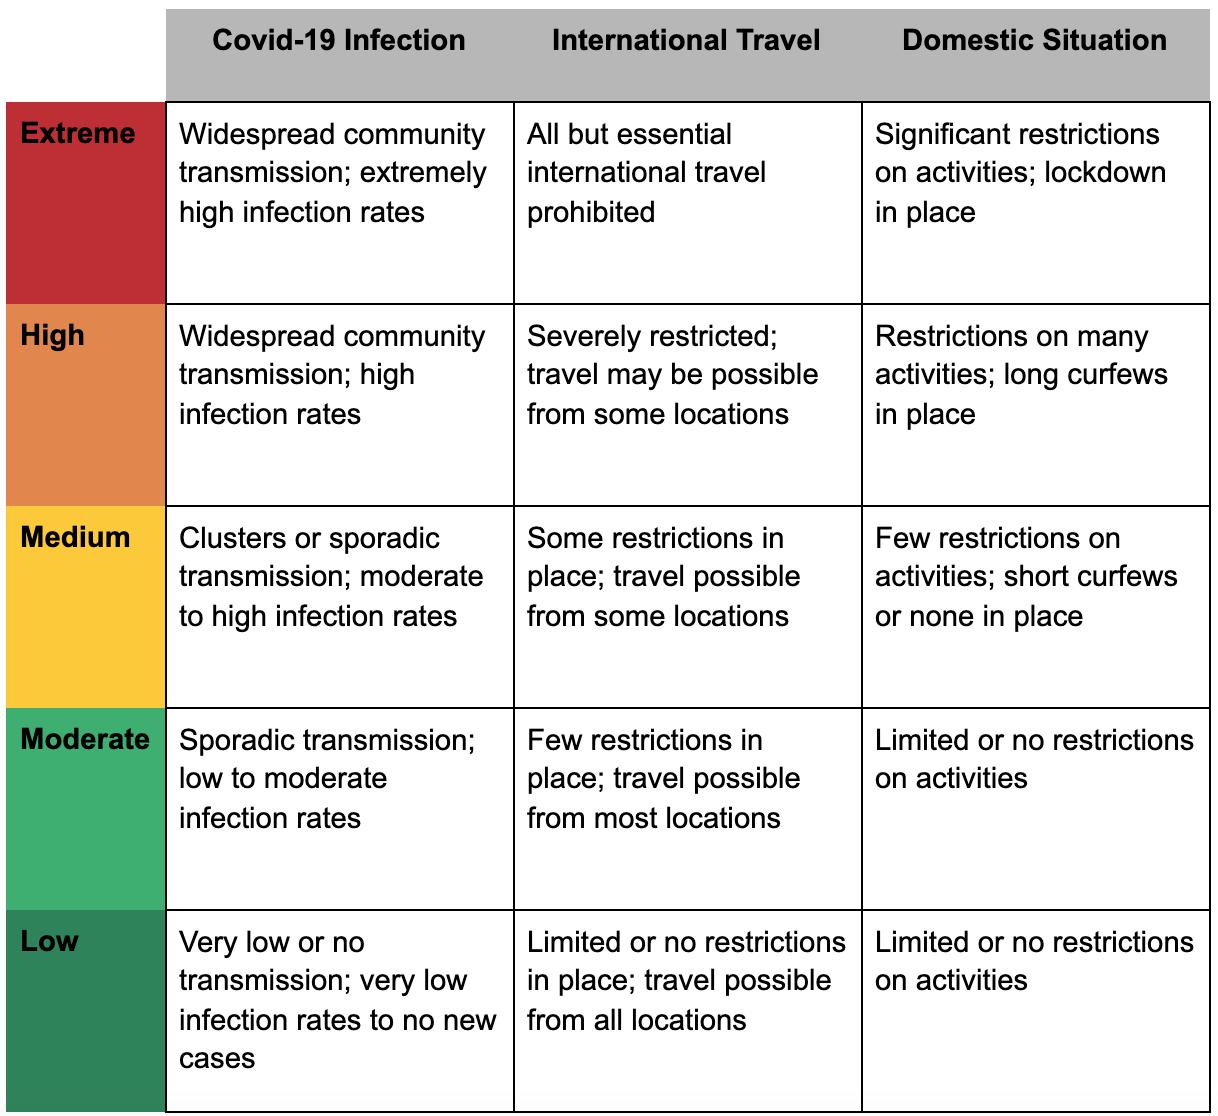 Covid-19 Risk Level matrix